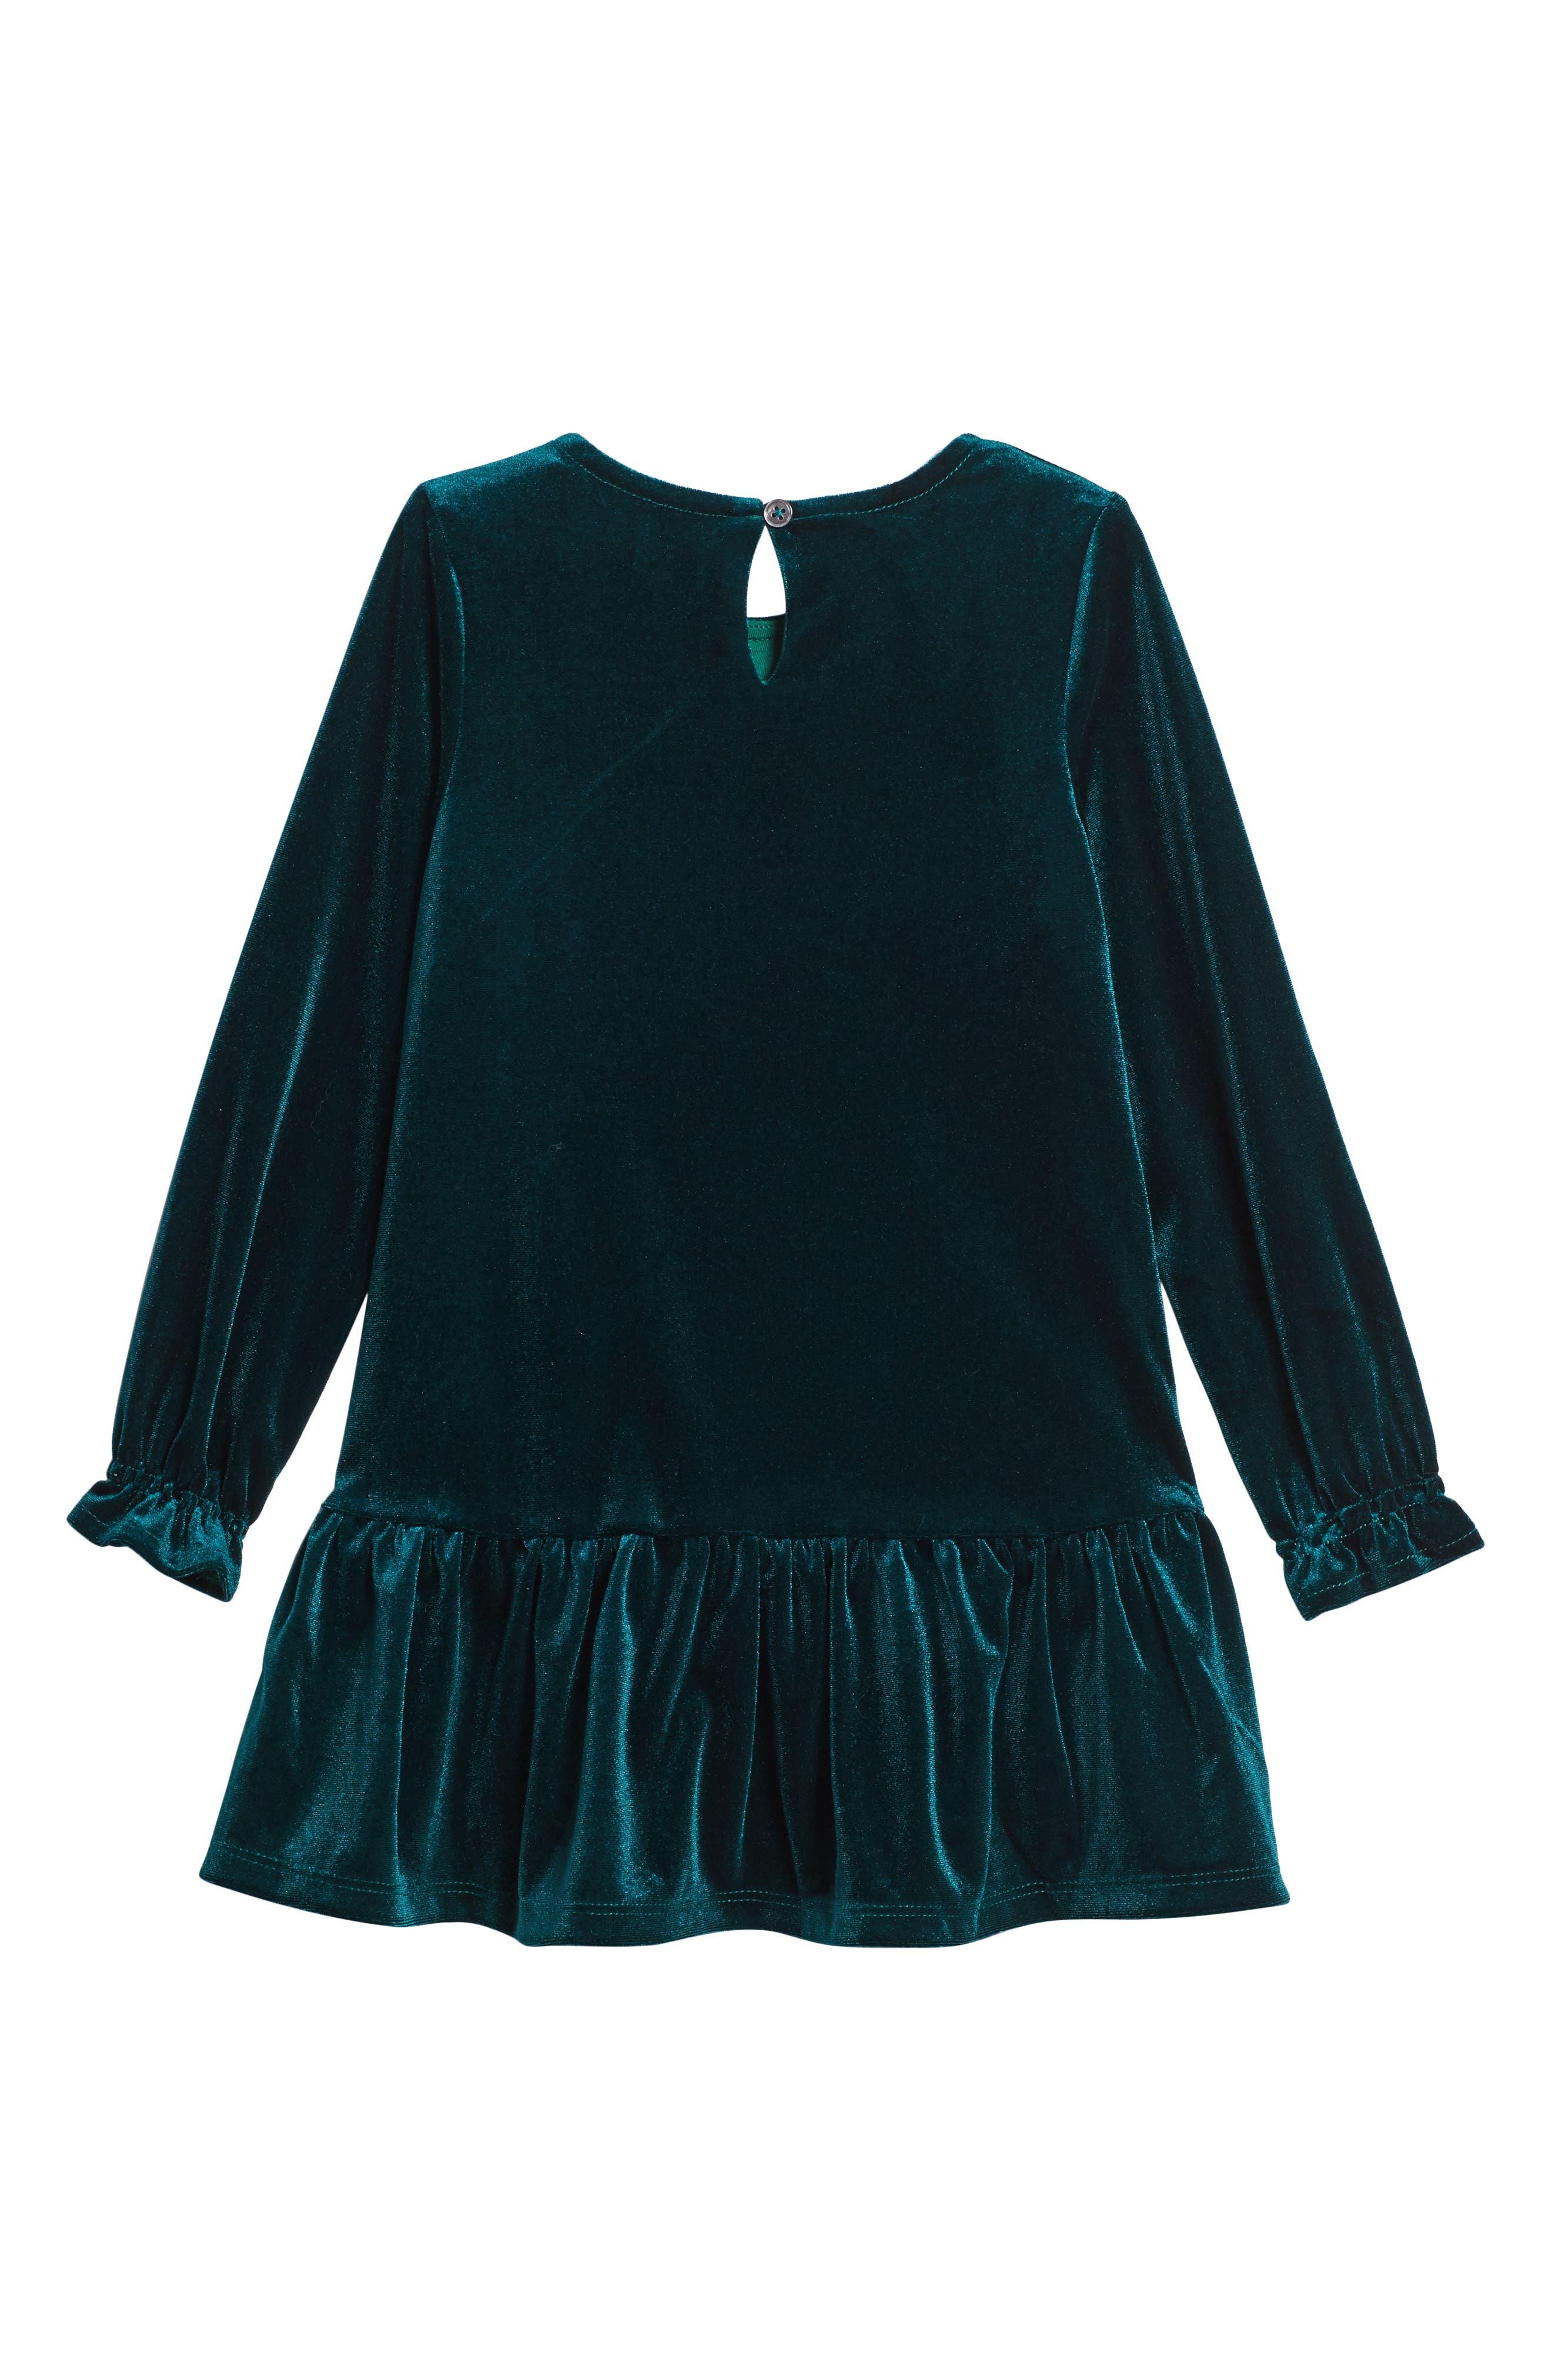 Angelina Velvet Dress,                             Alternate thumbnail 2, color,                             300